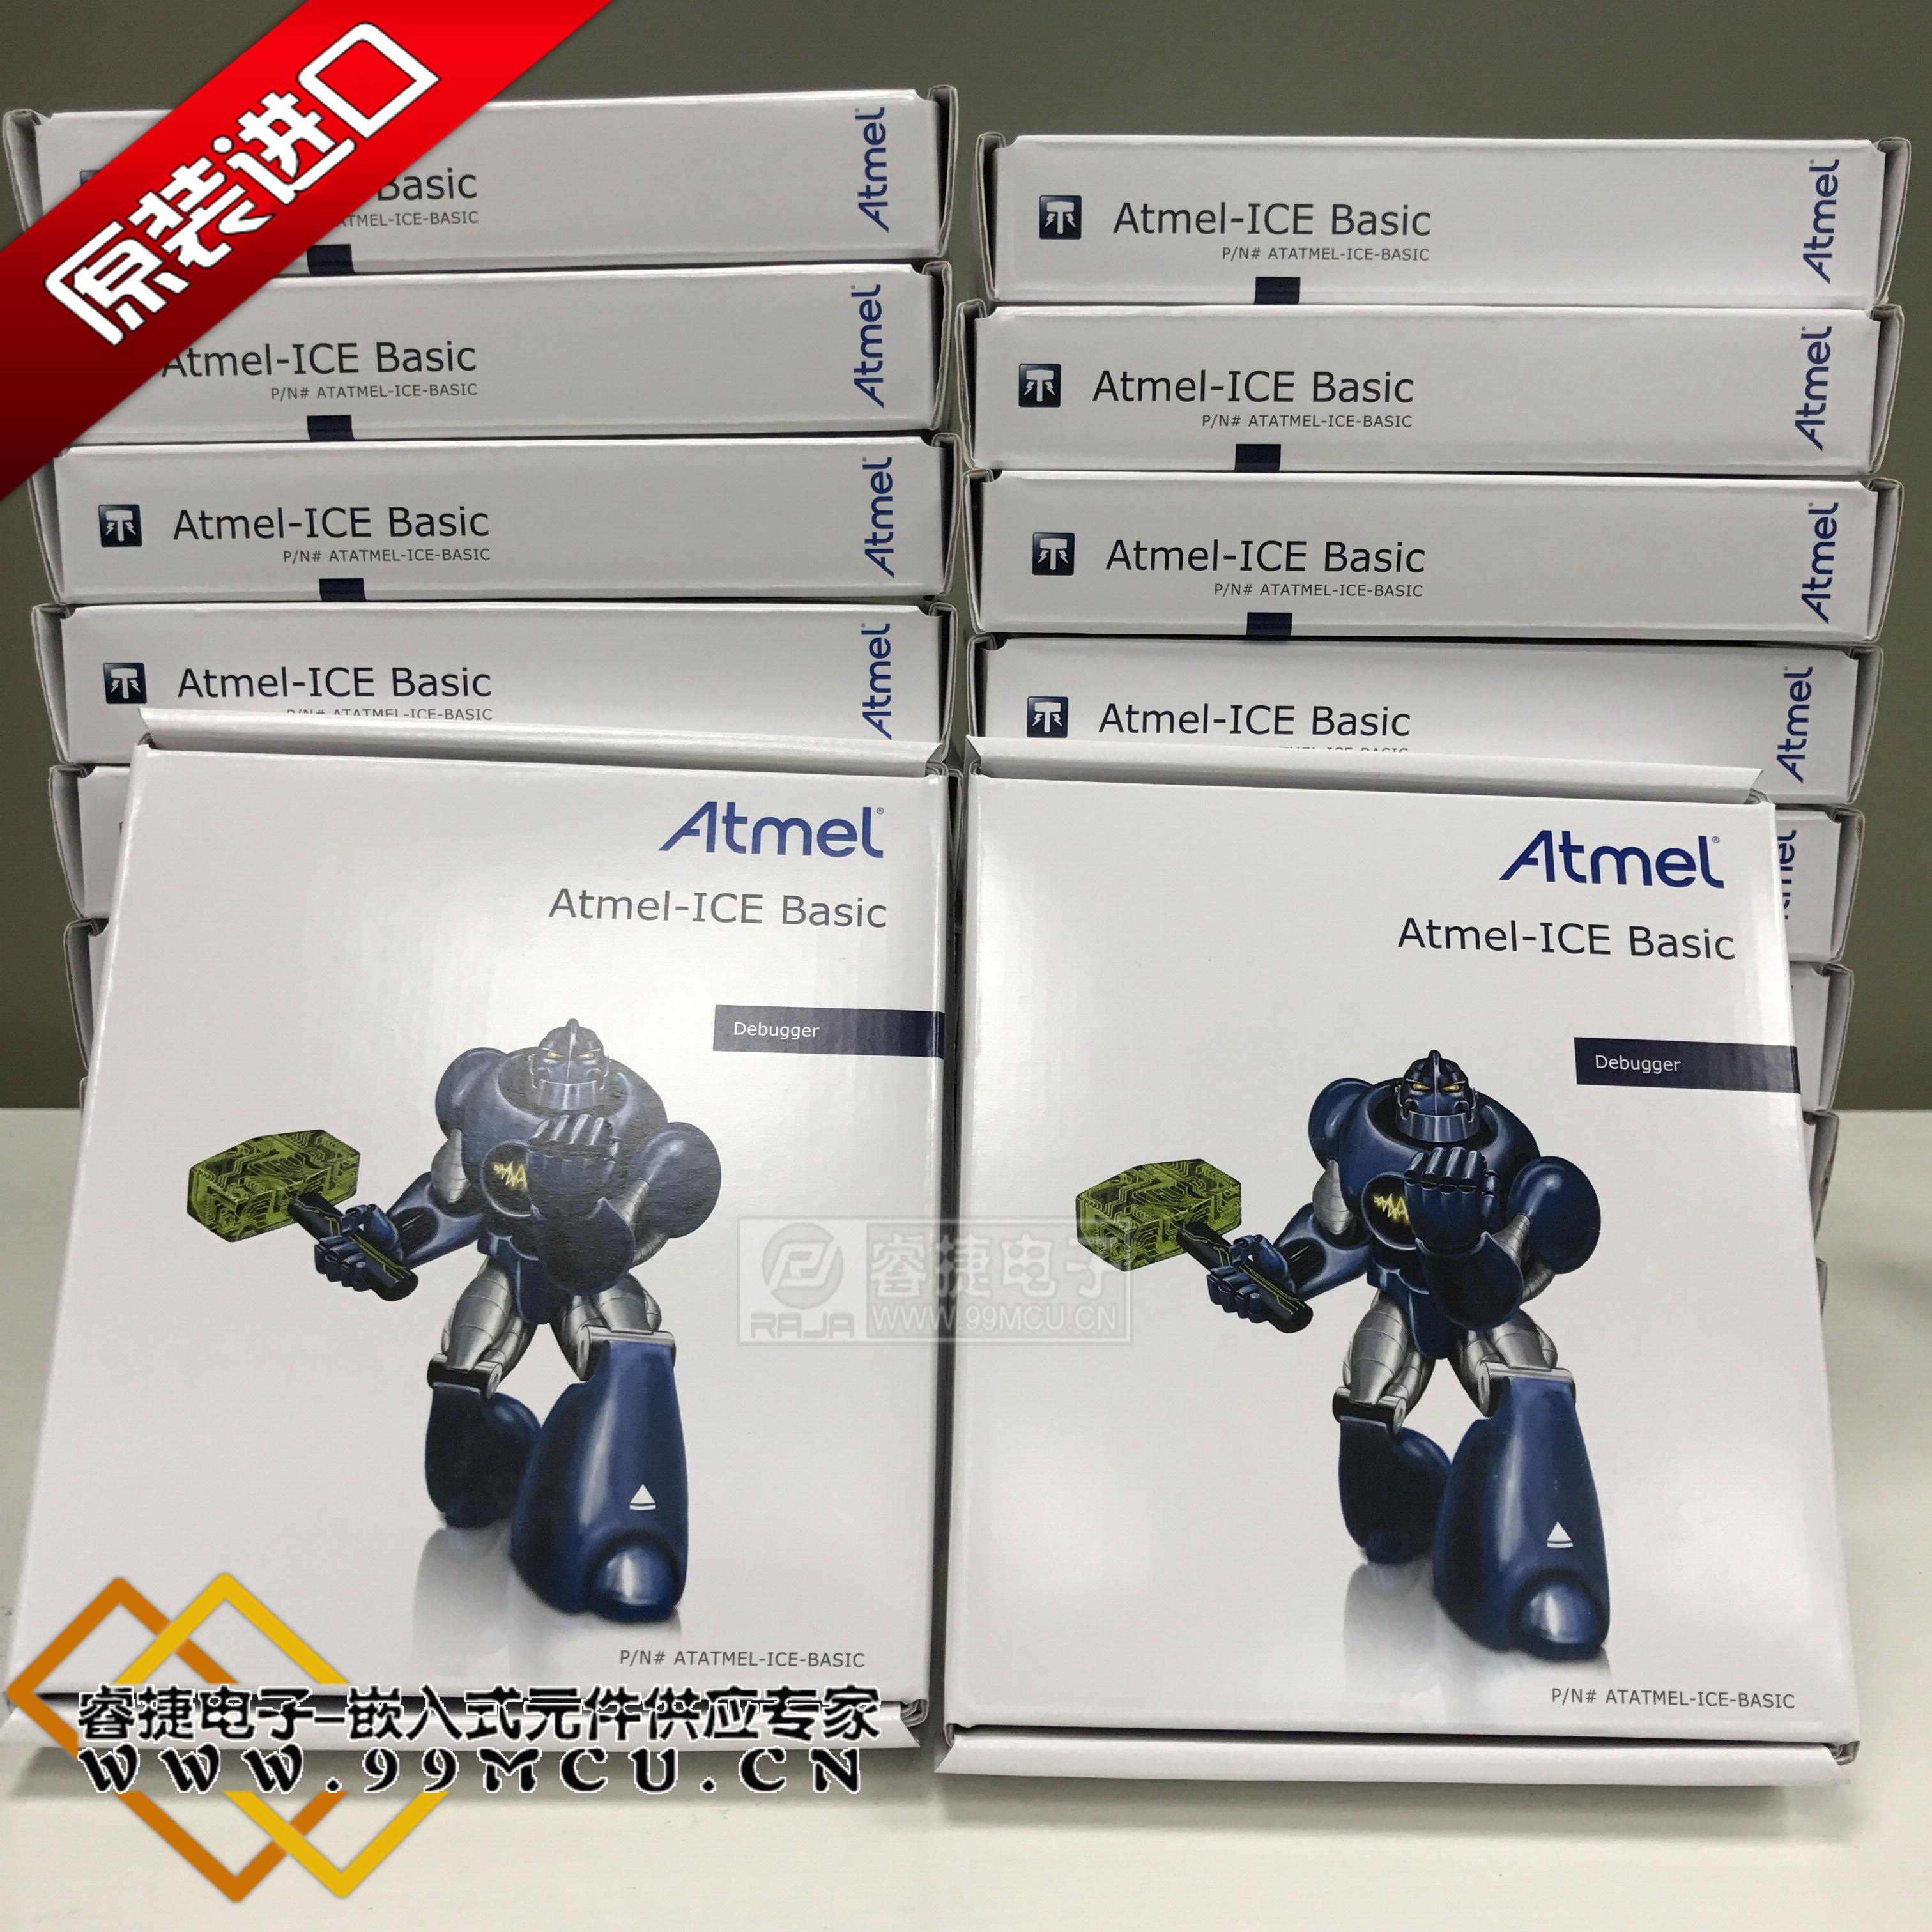 Atmel-ICE BASIC kit ATATMEL-ICE компилировать путешествие устройство отладка скачать сжигать запись фонд доска